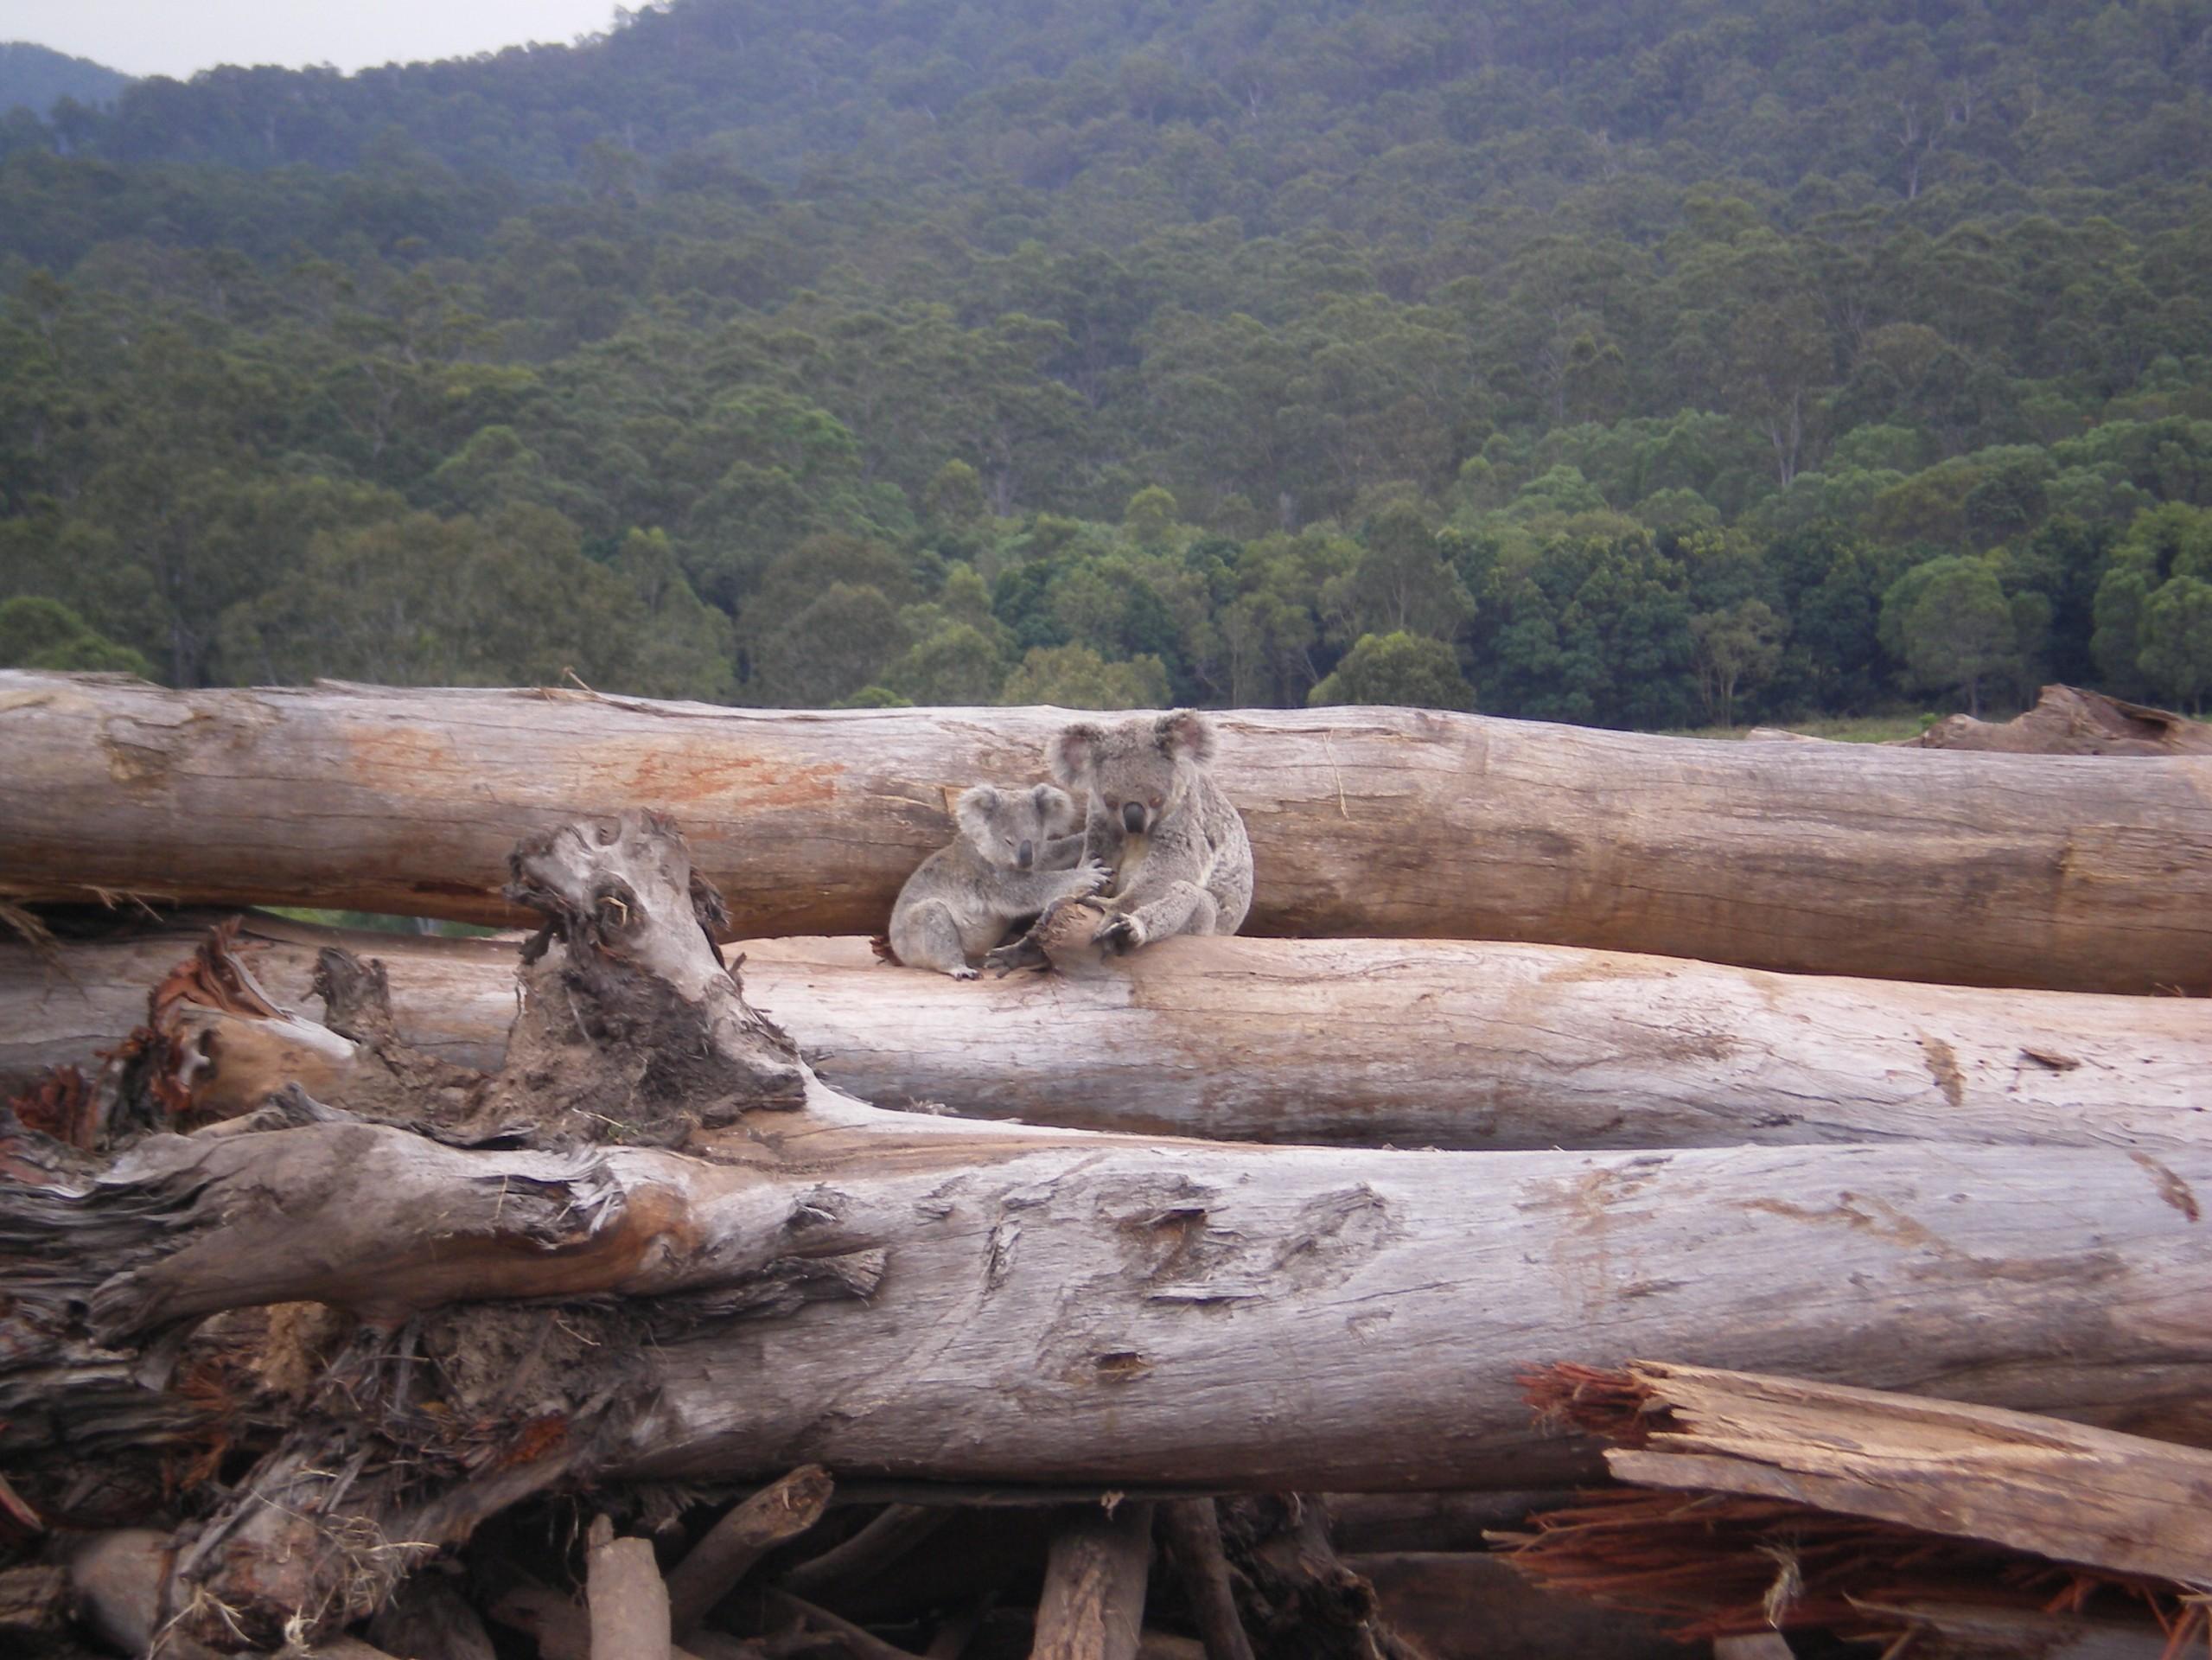 Una mamma koala e il suo piccolo cercano protezione su alberi abbattuti dai bulldozer.